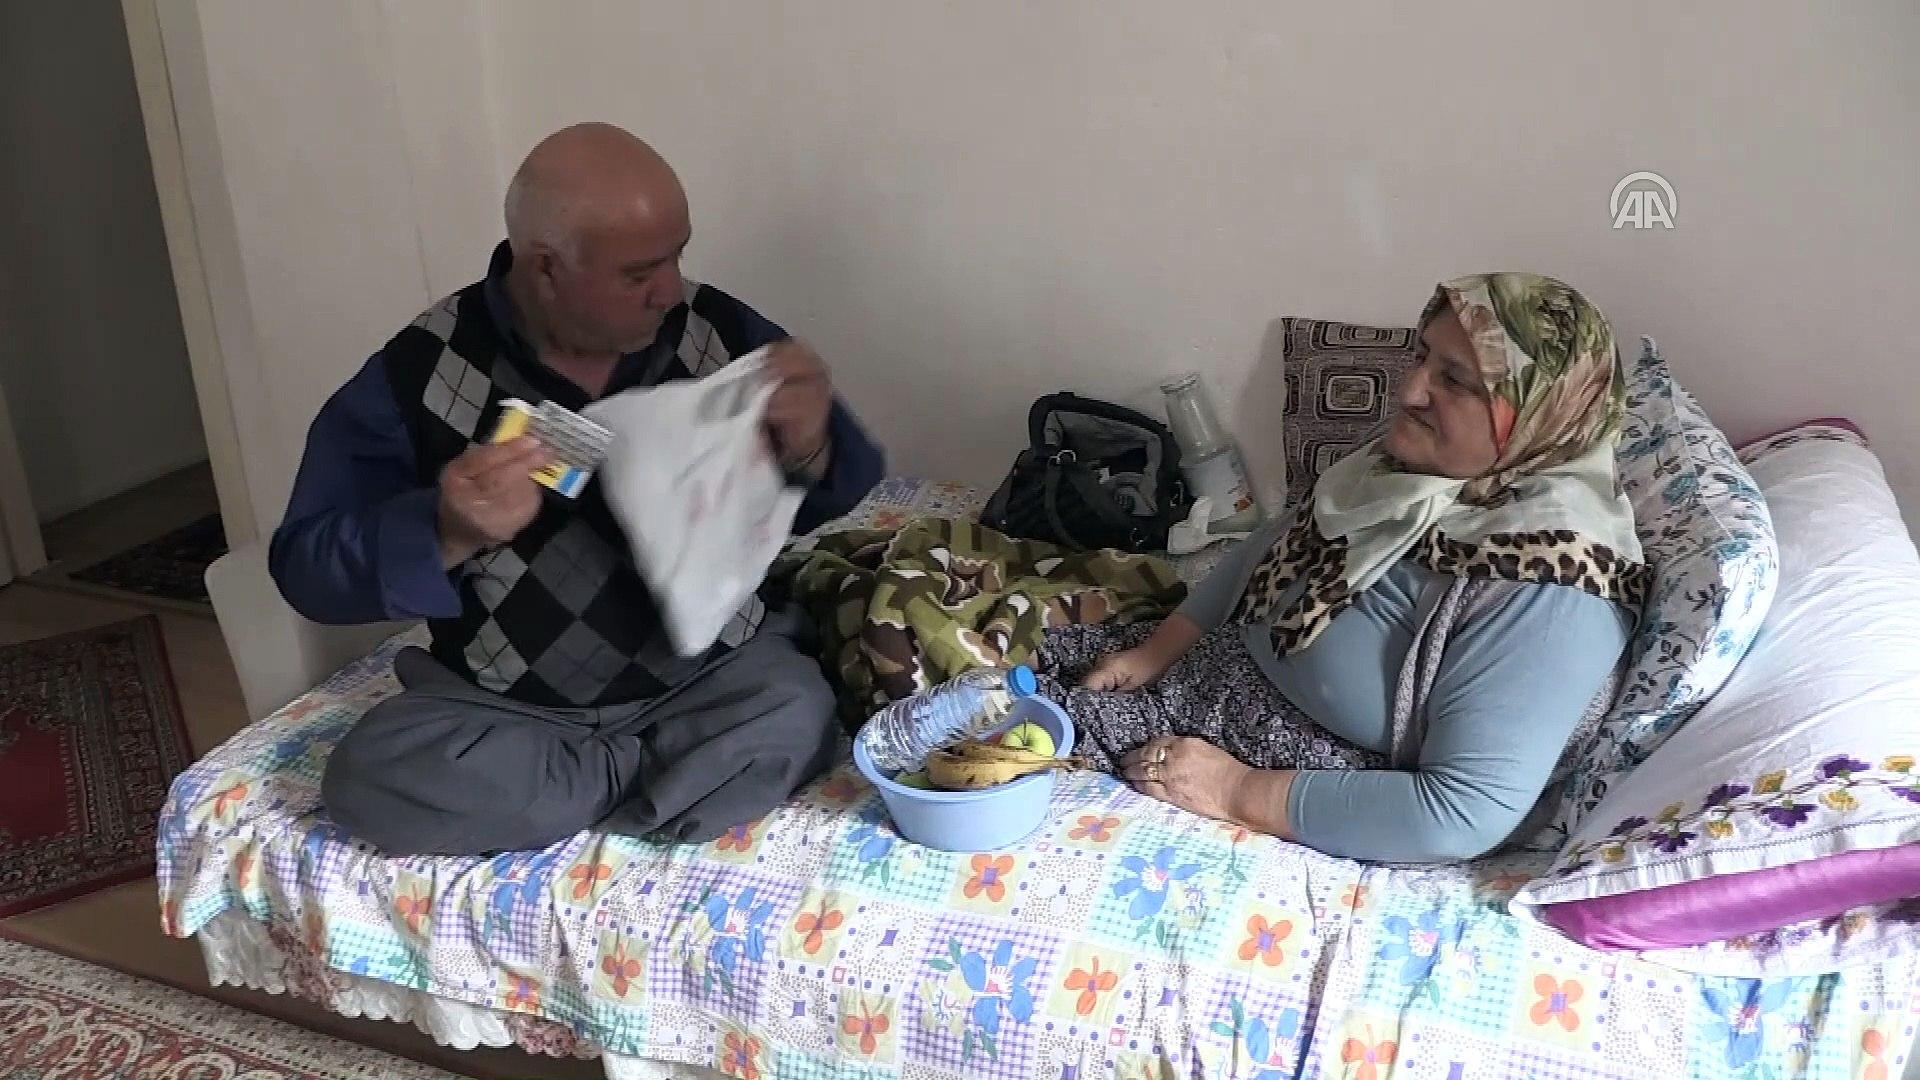 Engeline rağmen ekmeğini kazanıp hasta eşine bakıyor - NİĞDE